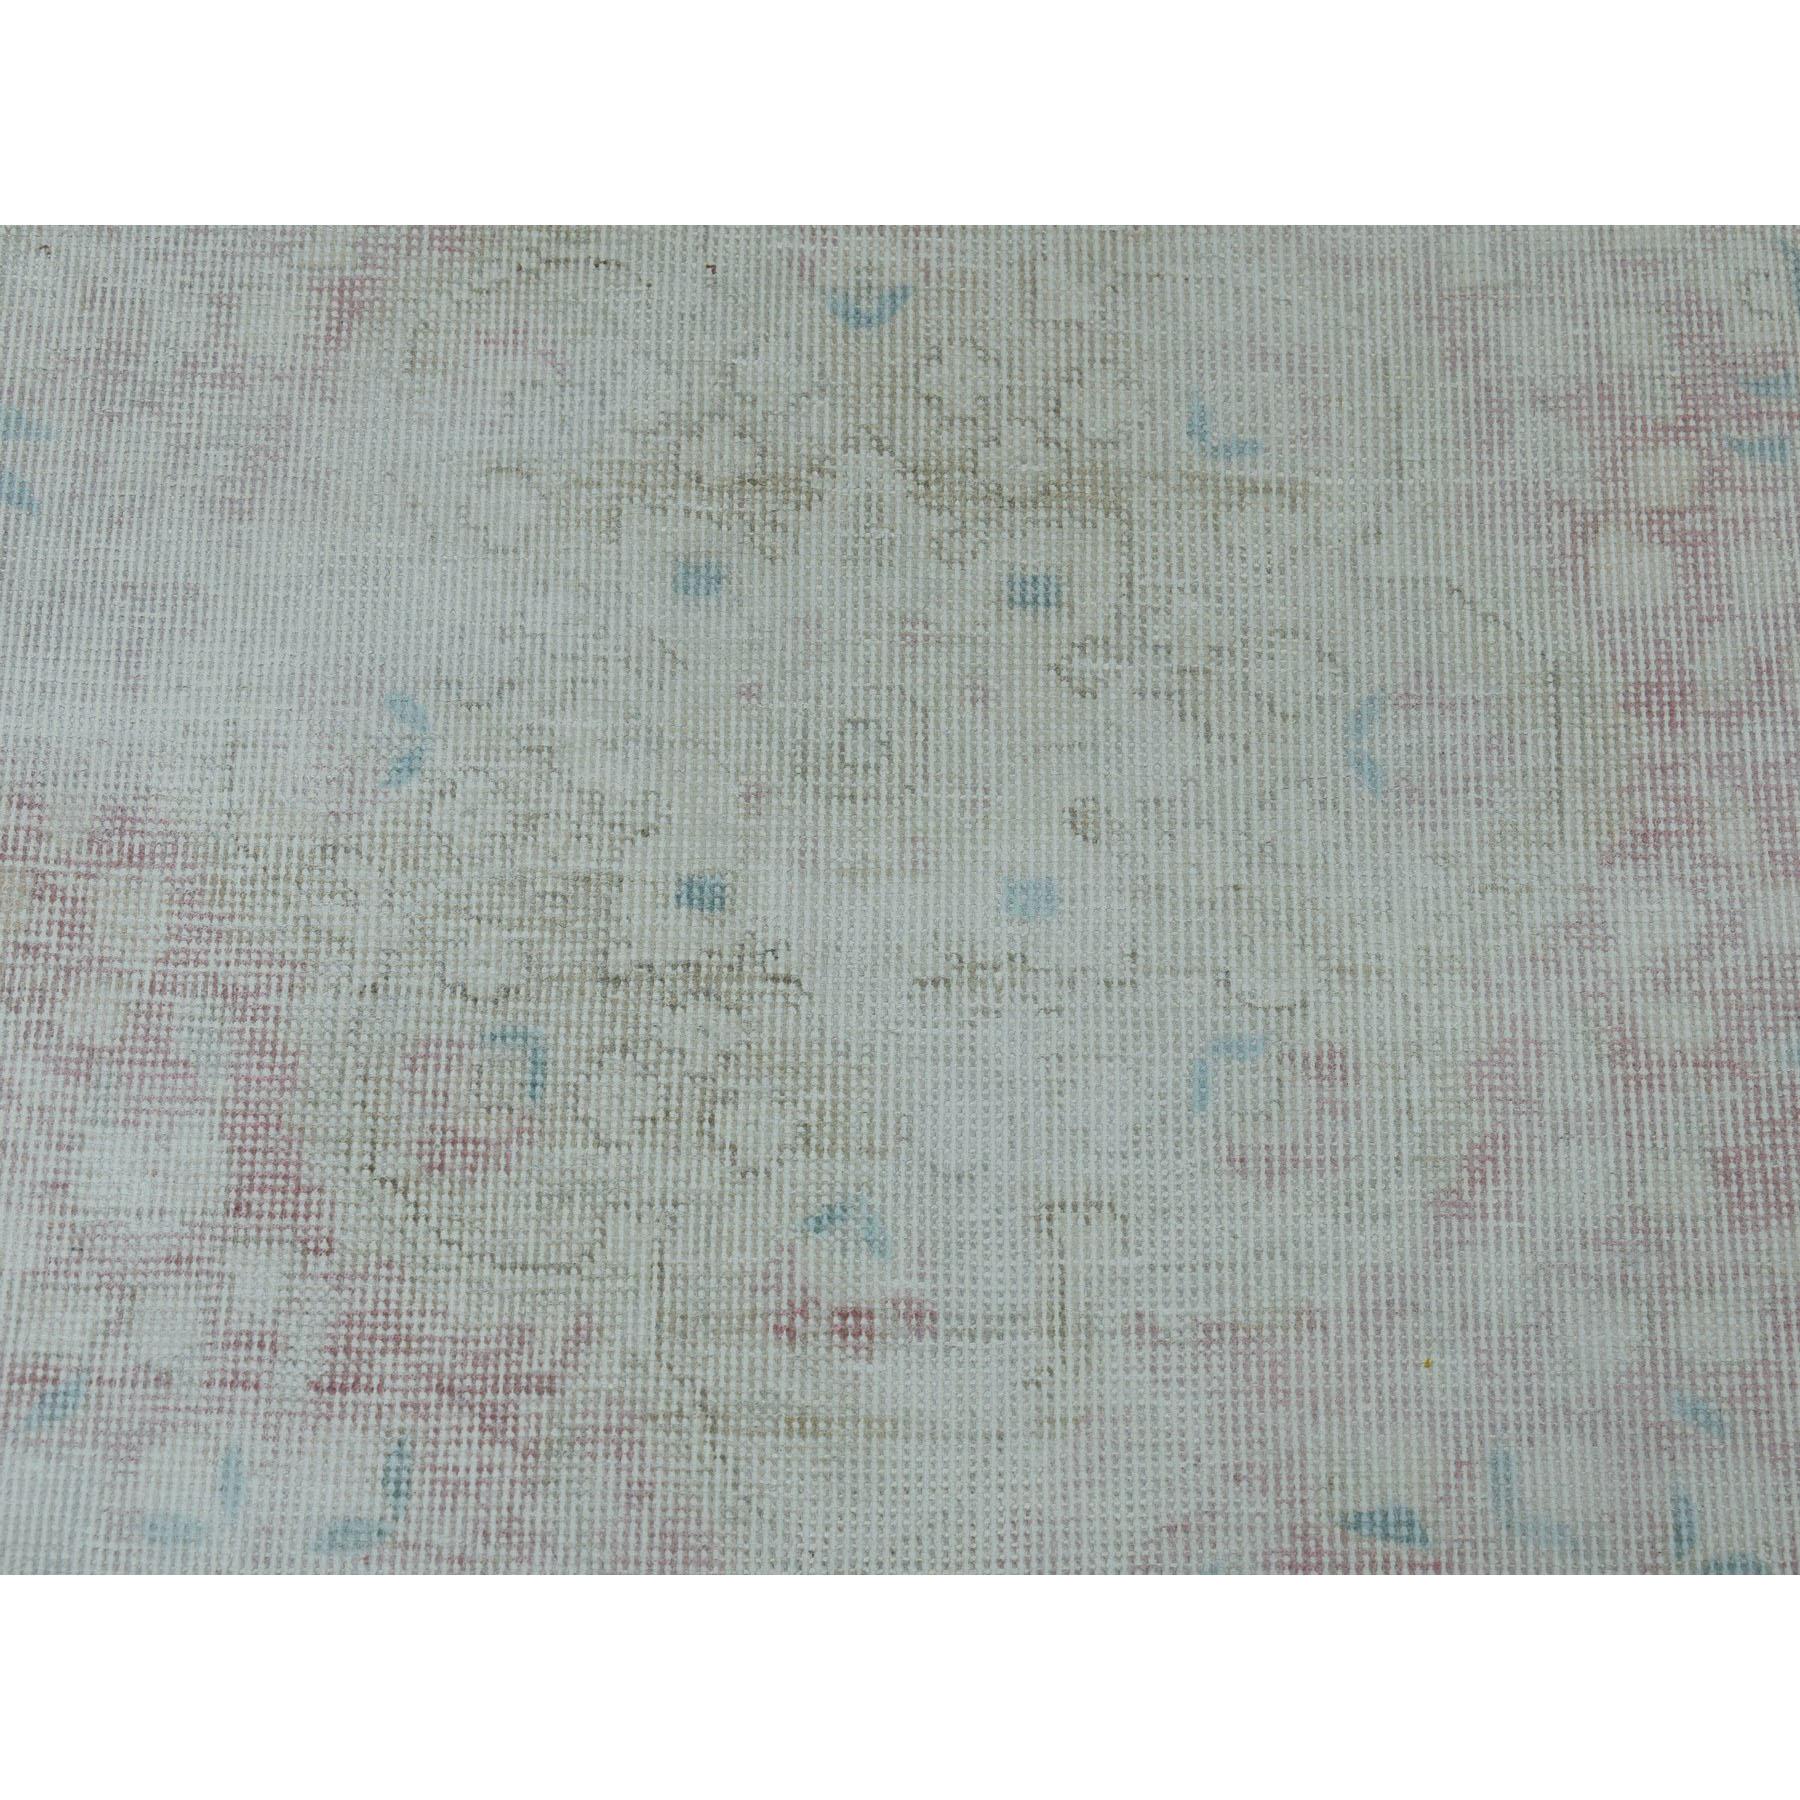 3-x4-5  Vintage White Wash Tabriz Worn Wool Hand-Knotted Oriental Rug